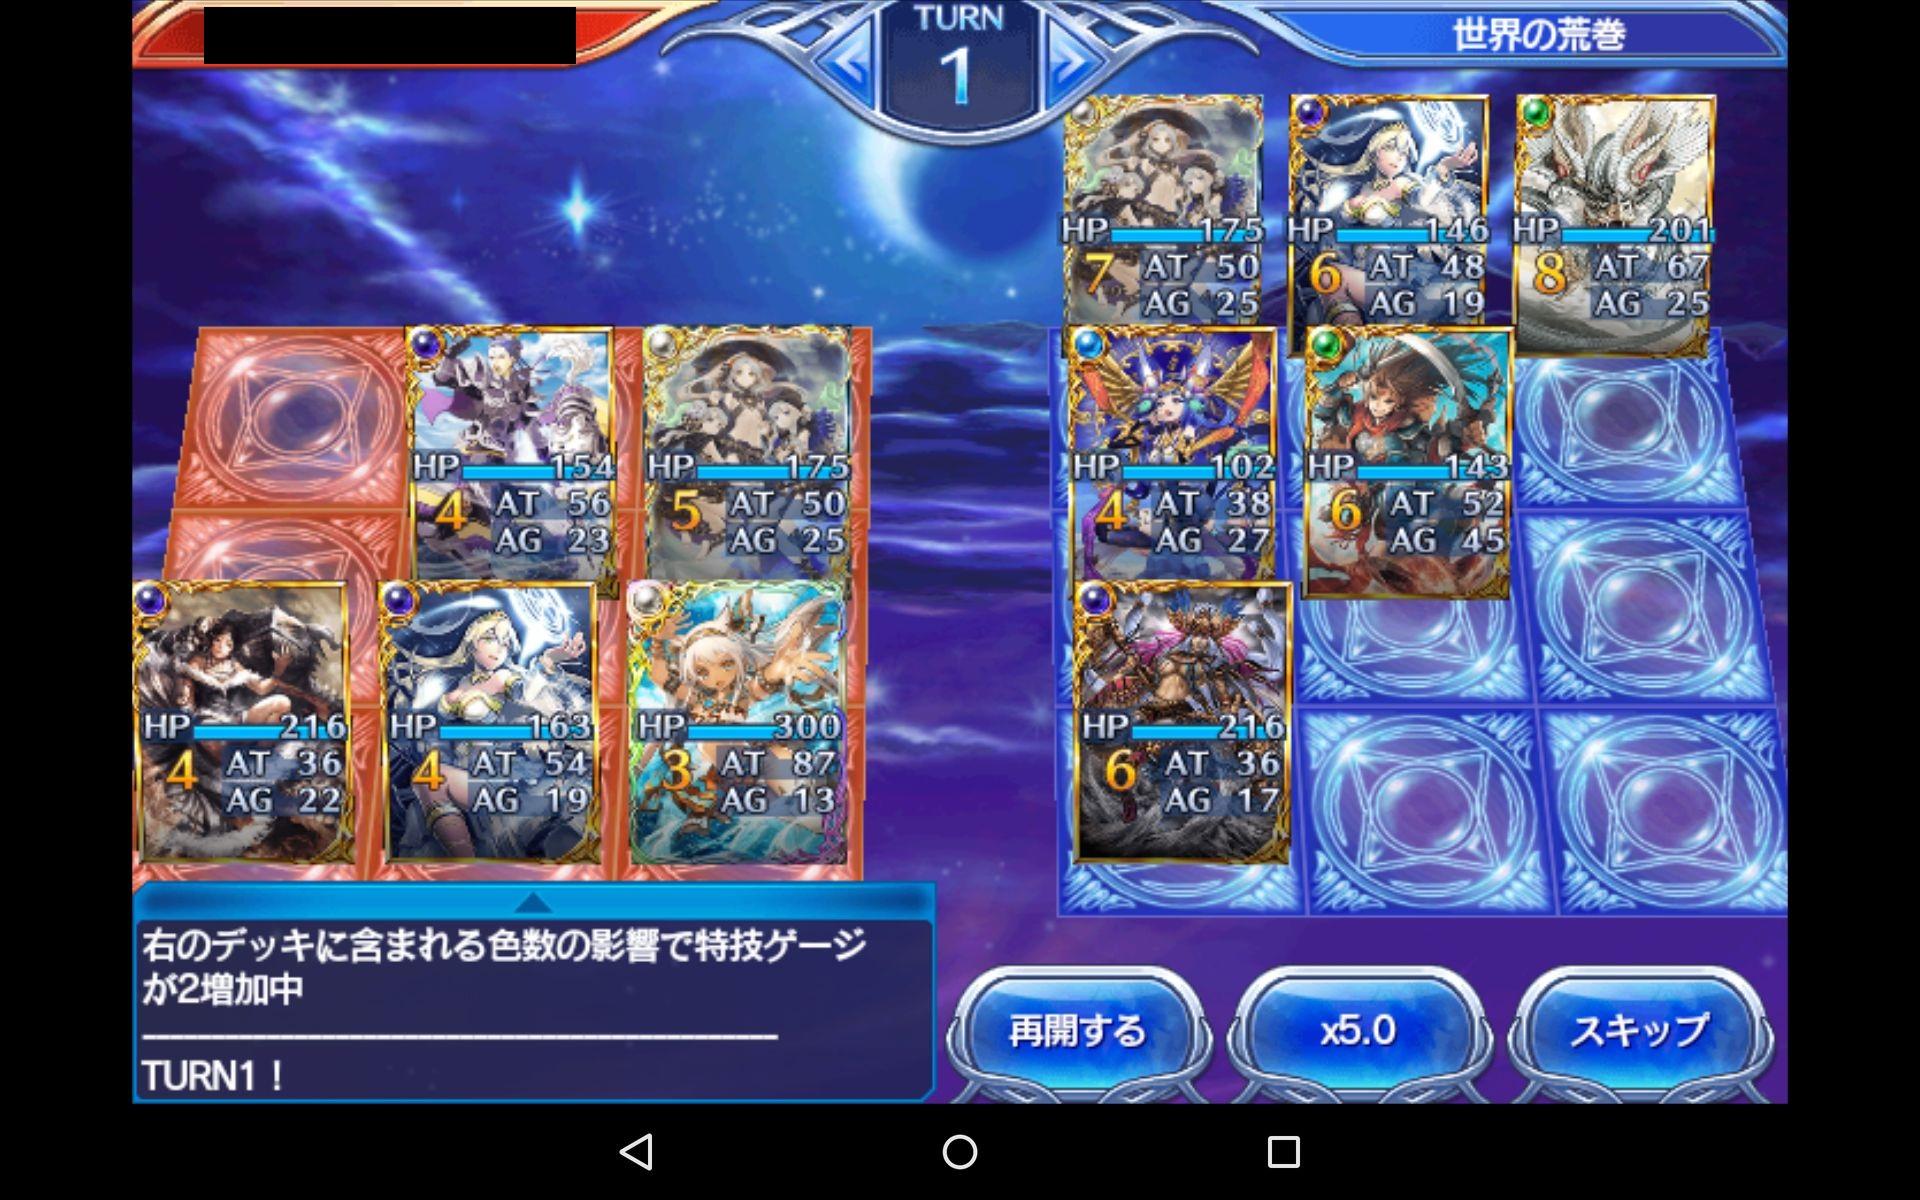 2015-06-26大将負け2ヘーパイスト